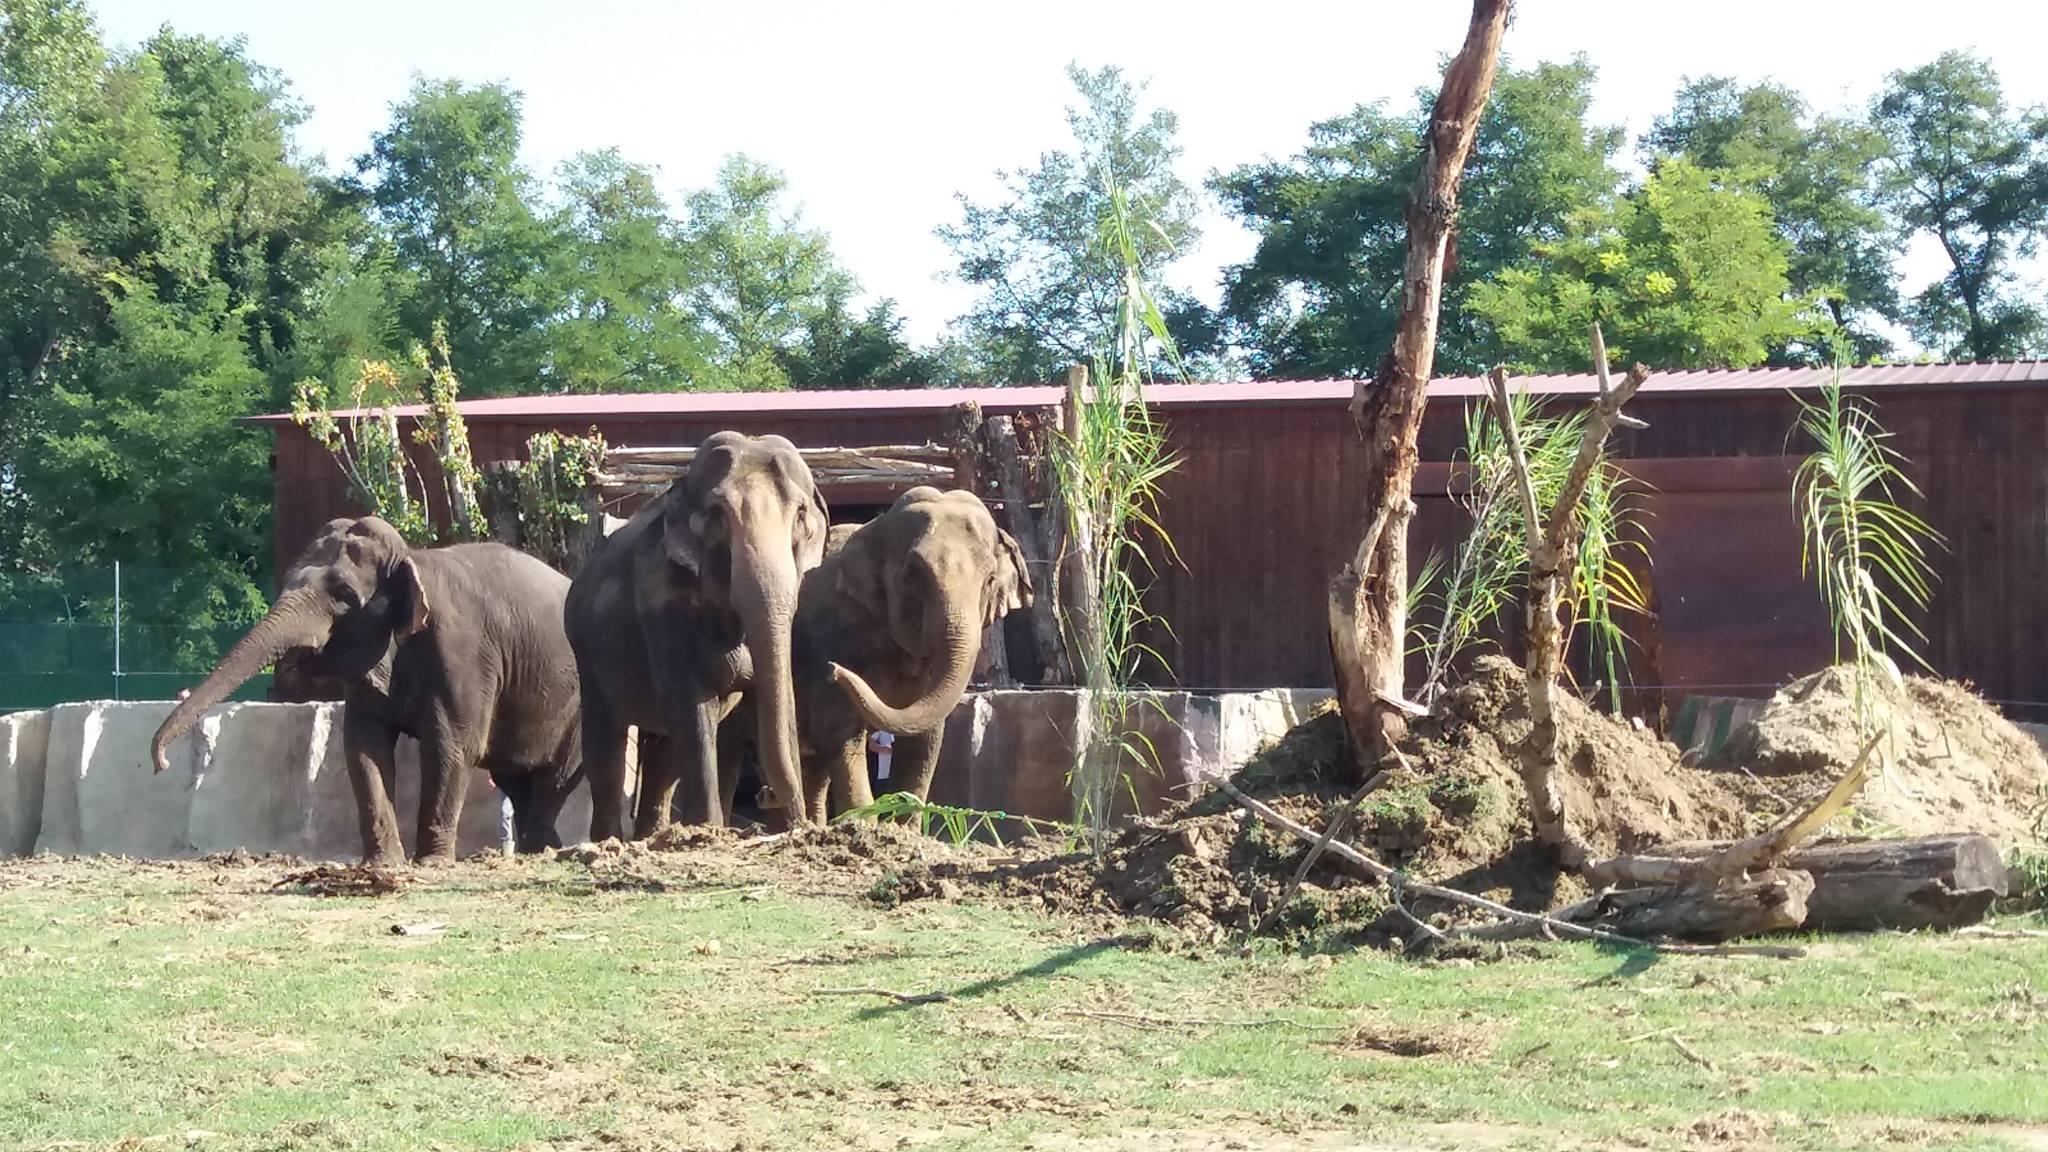 Il Safari Ravenna da il benvenuto a Maia, Deli e Laika, 3 bellissimi esemplari di elefanti asiatici provenienti dal Parco belga Pairi Daiza - Safari Ravenna loc. Mirabilandia